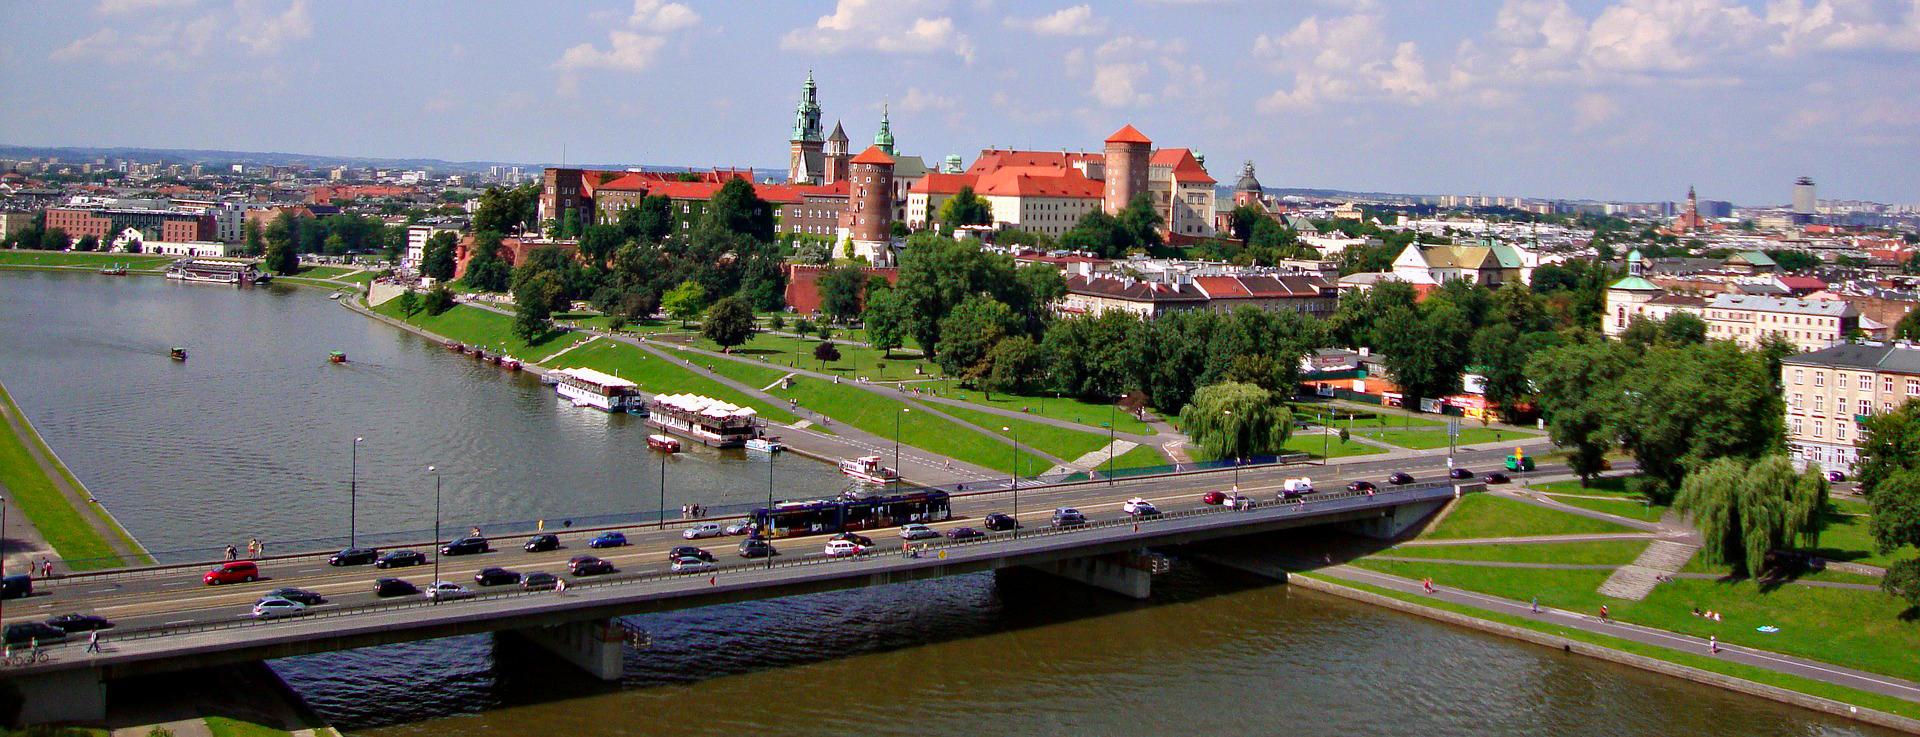 Qué ver en Cracovia, Krakow, Polonia, Poland qué ver en cracovia - 25591729267 b48d96604e o - Qué ver en Cracovia, Polonia